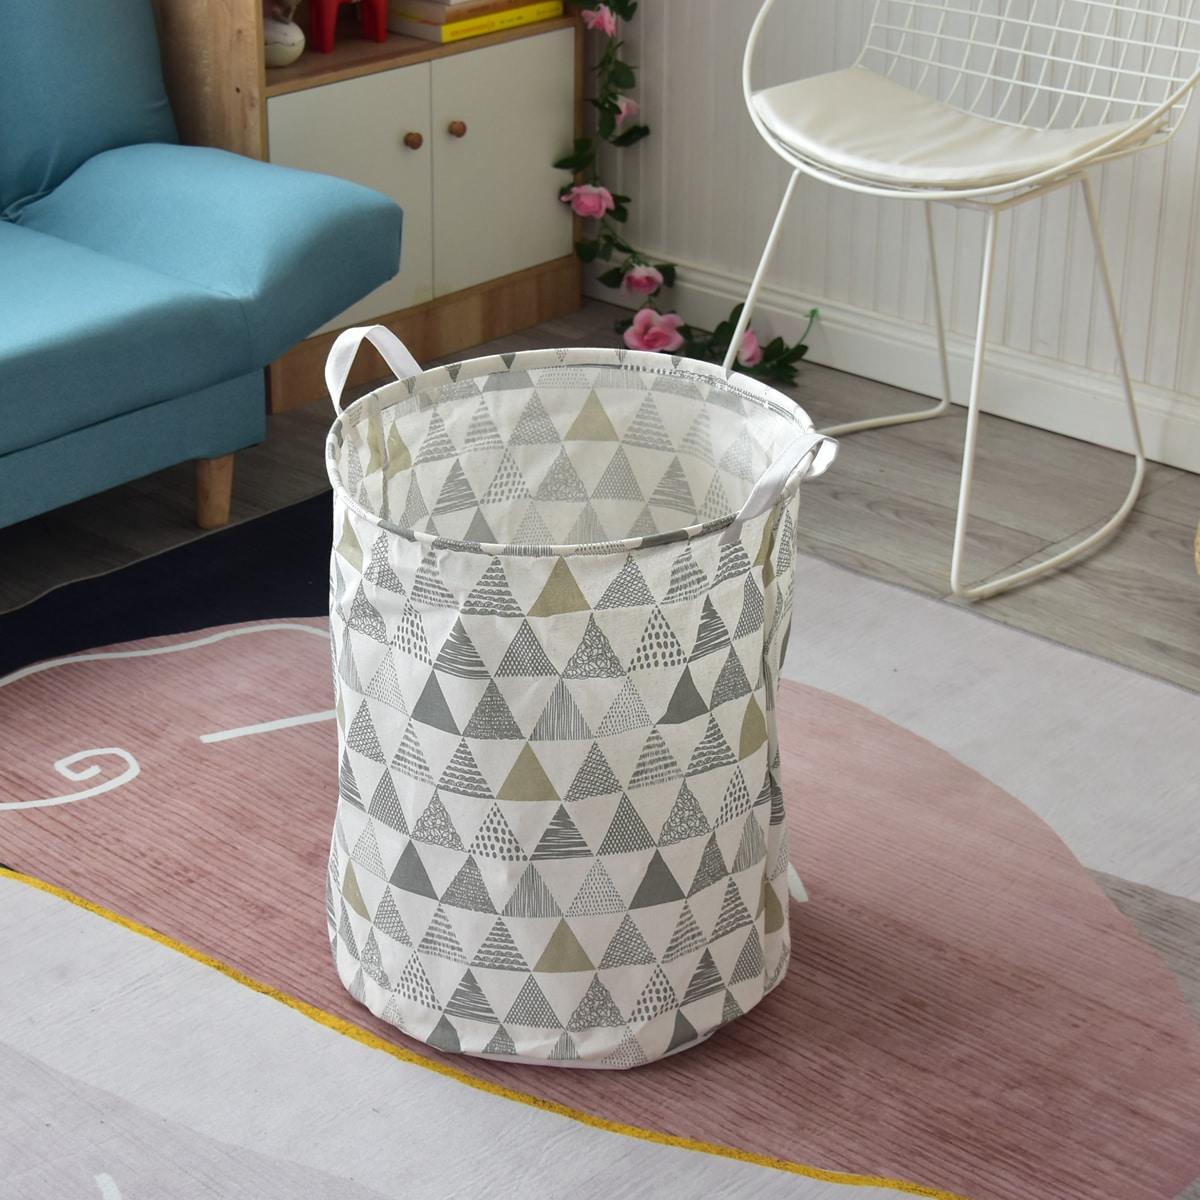 Складная корзина для белья с геометрическим рисунком